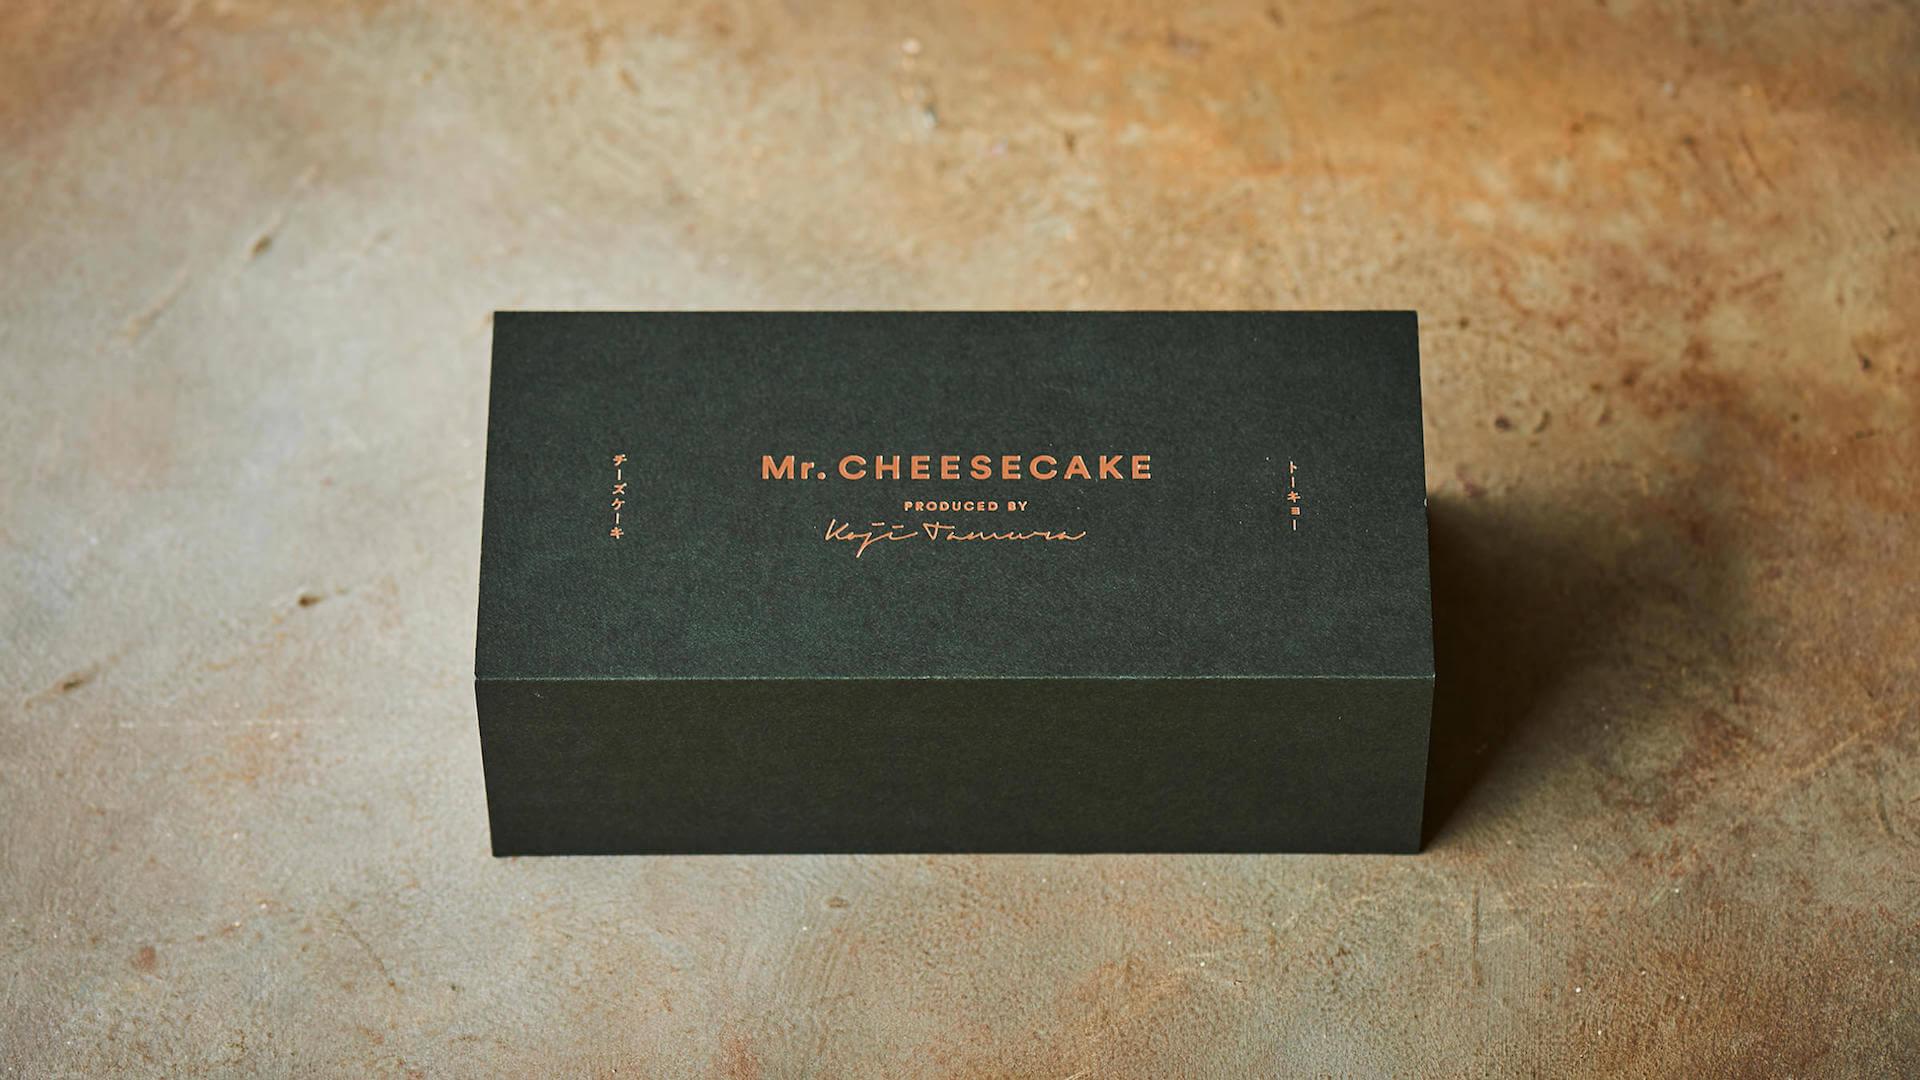 チーズケーキ専門店Mr. CHEESECAKEでハロウィン限定フレーバー「パンプキン バタースコッチ」が数量限定販売決定! gourmet200928_mrcheesecake_4